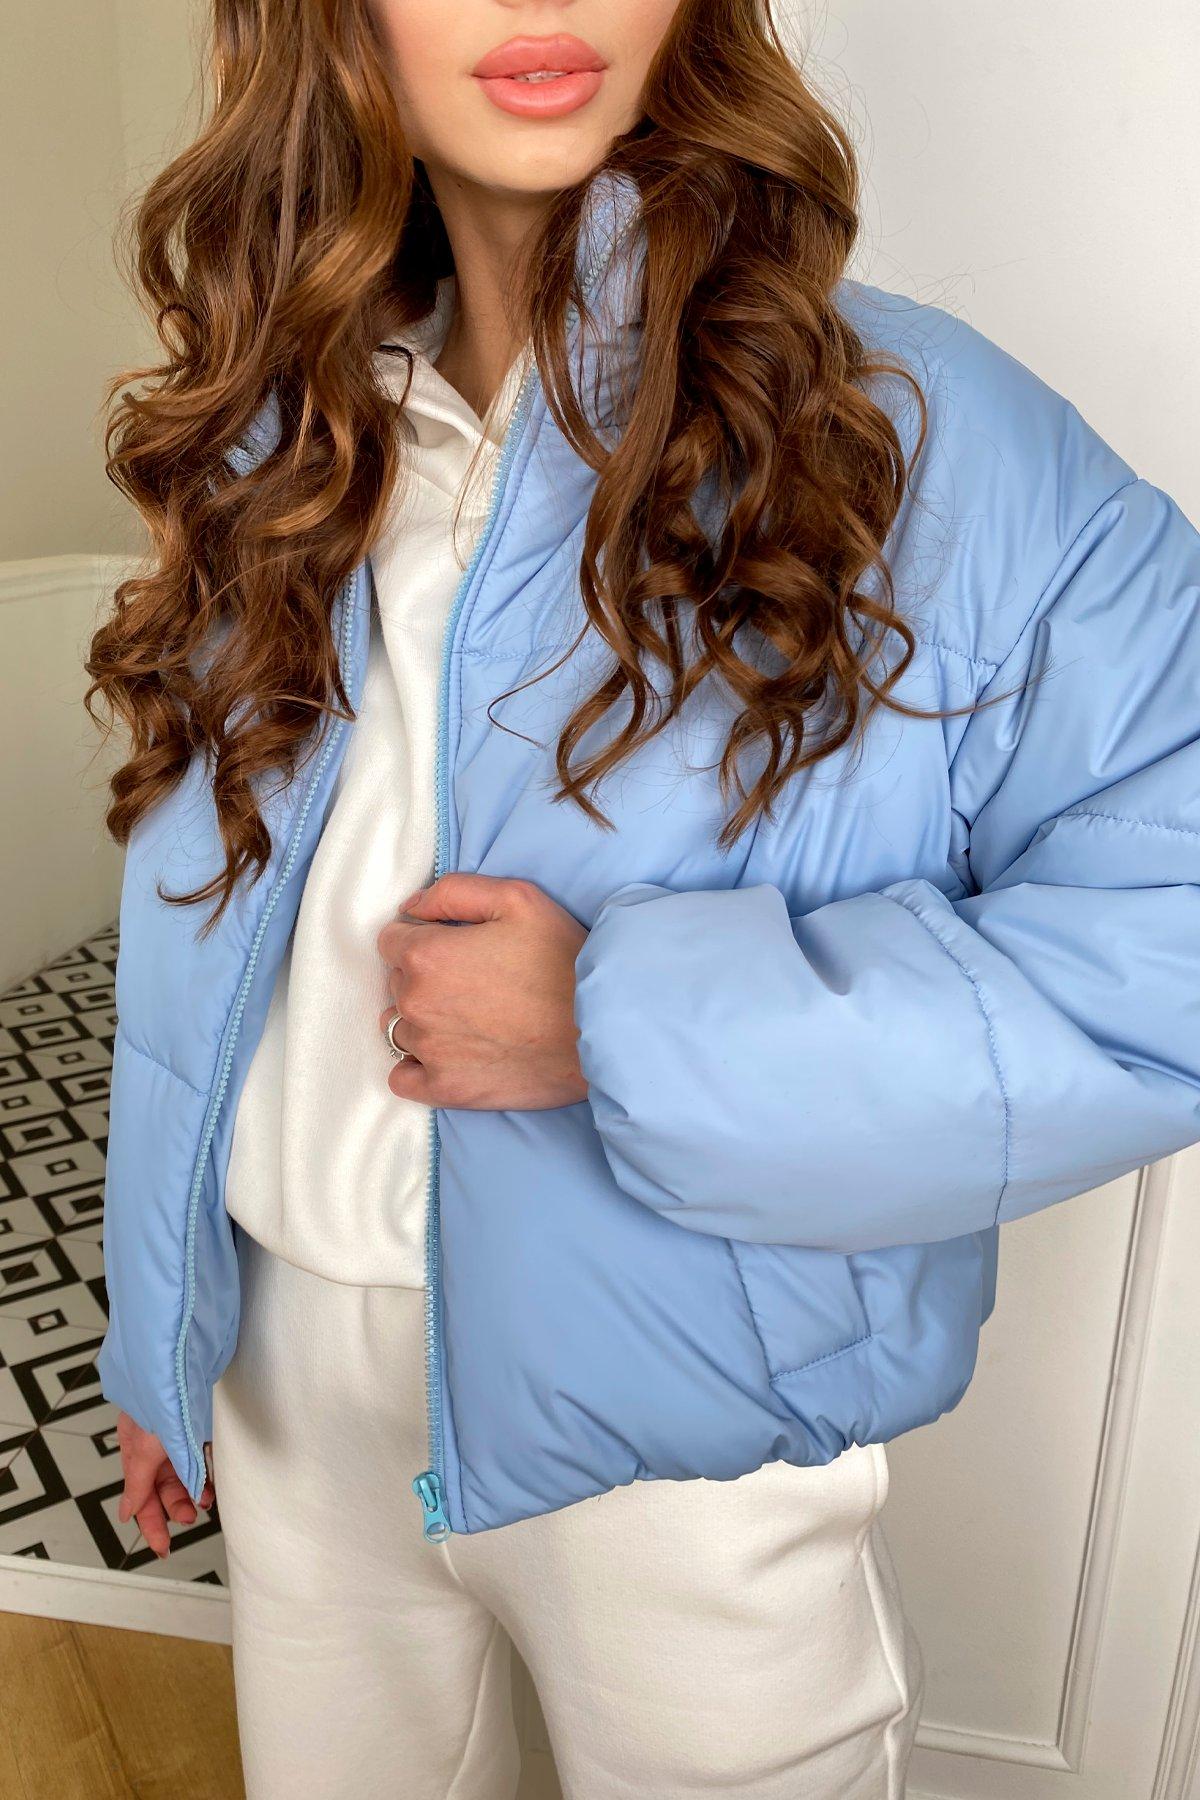 Драйв куртка из плащевой ткани 10448 АРТ. 46774 Цвет: Голубой - фото 4, интернет магазин tm-modus.ru